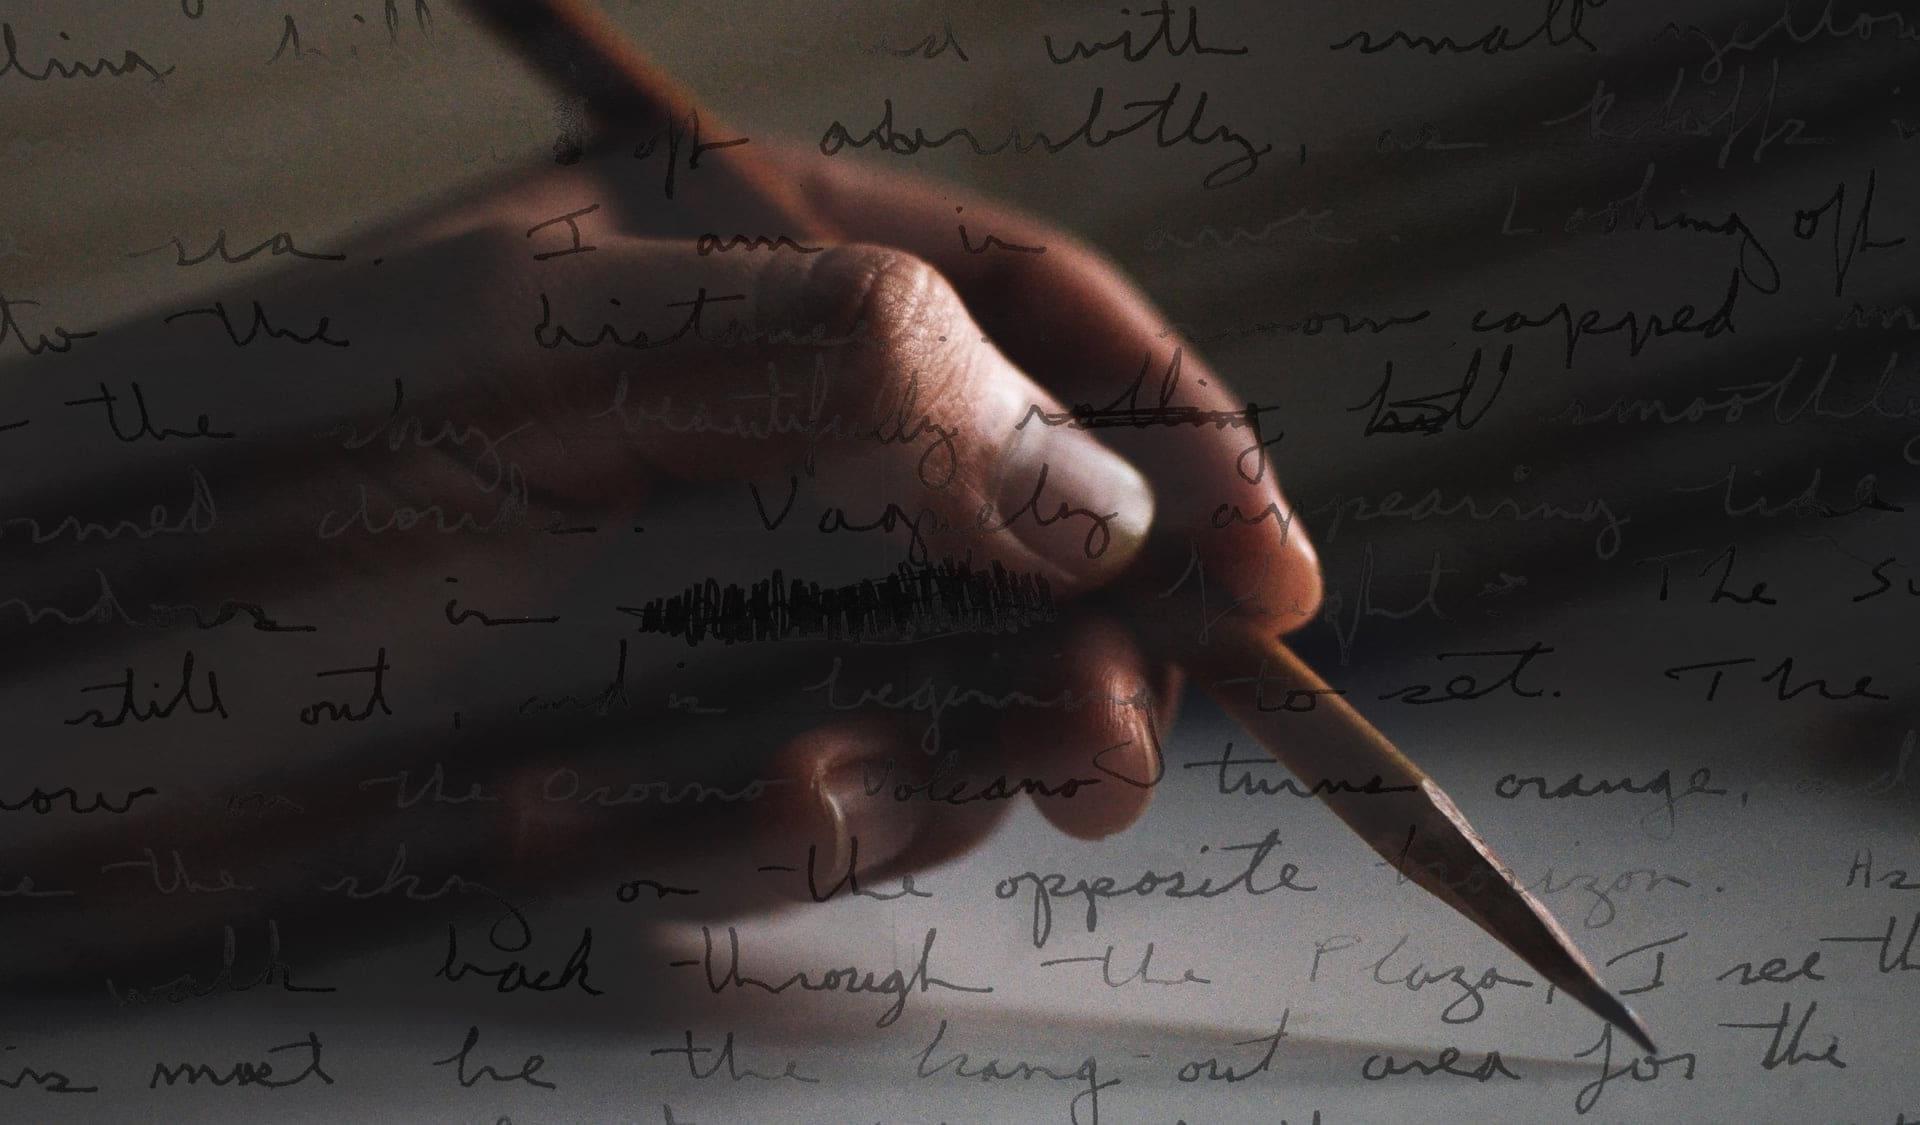 Handschrift verbessern – 7 Tipps für eine schöne Schrift